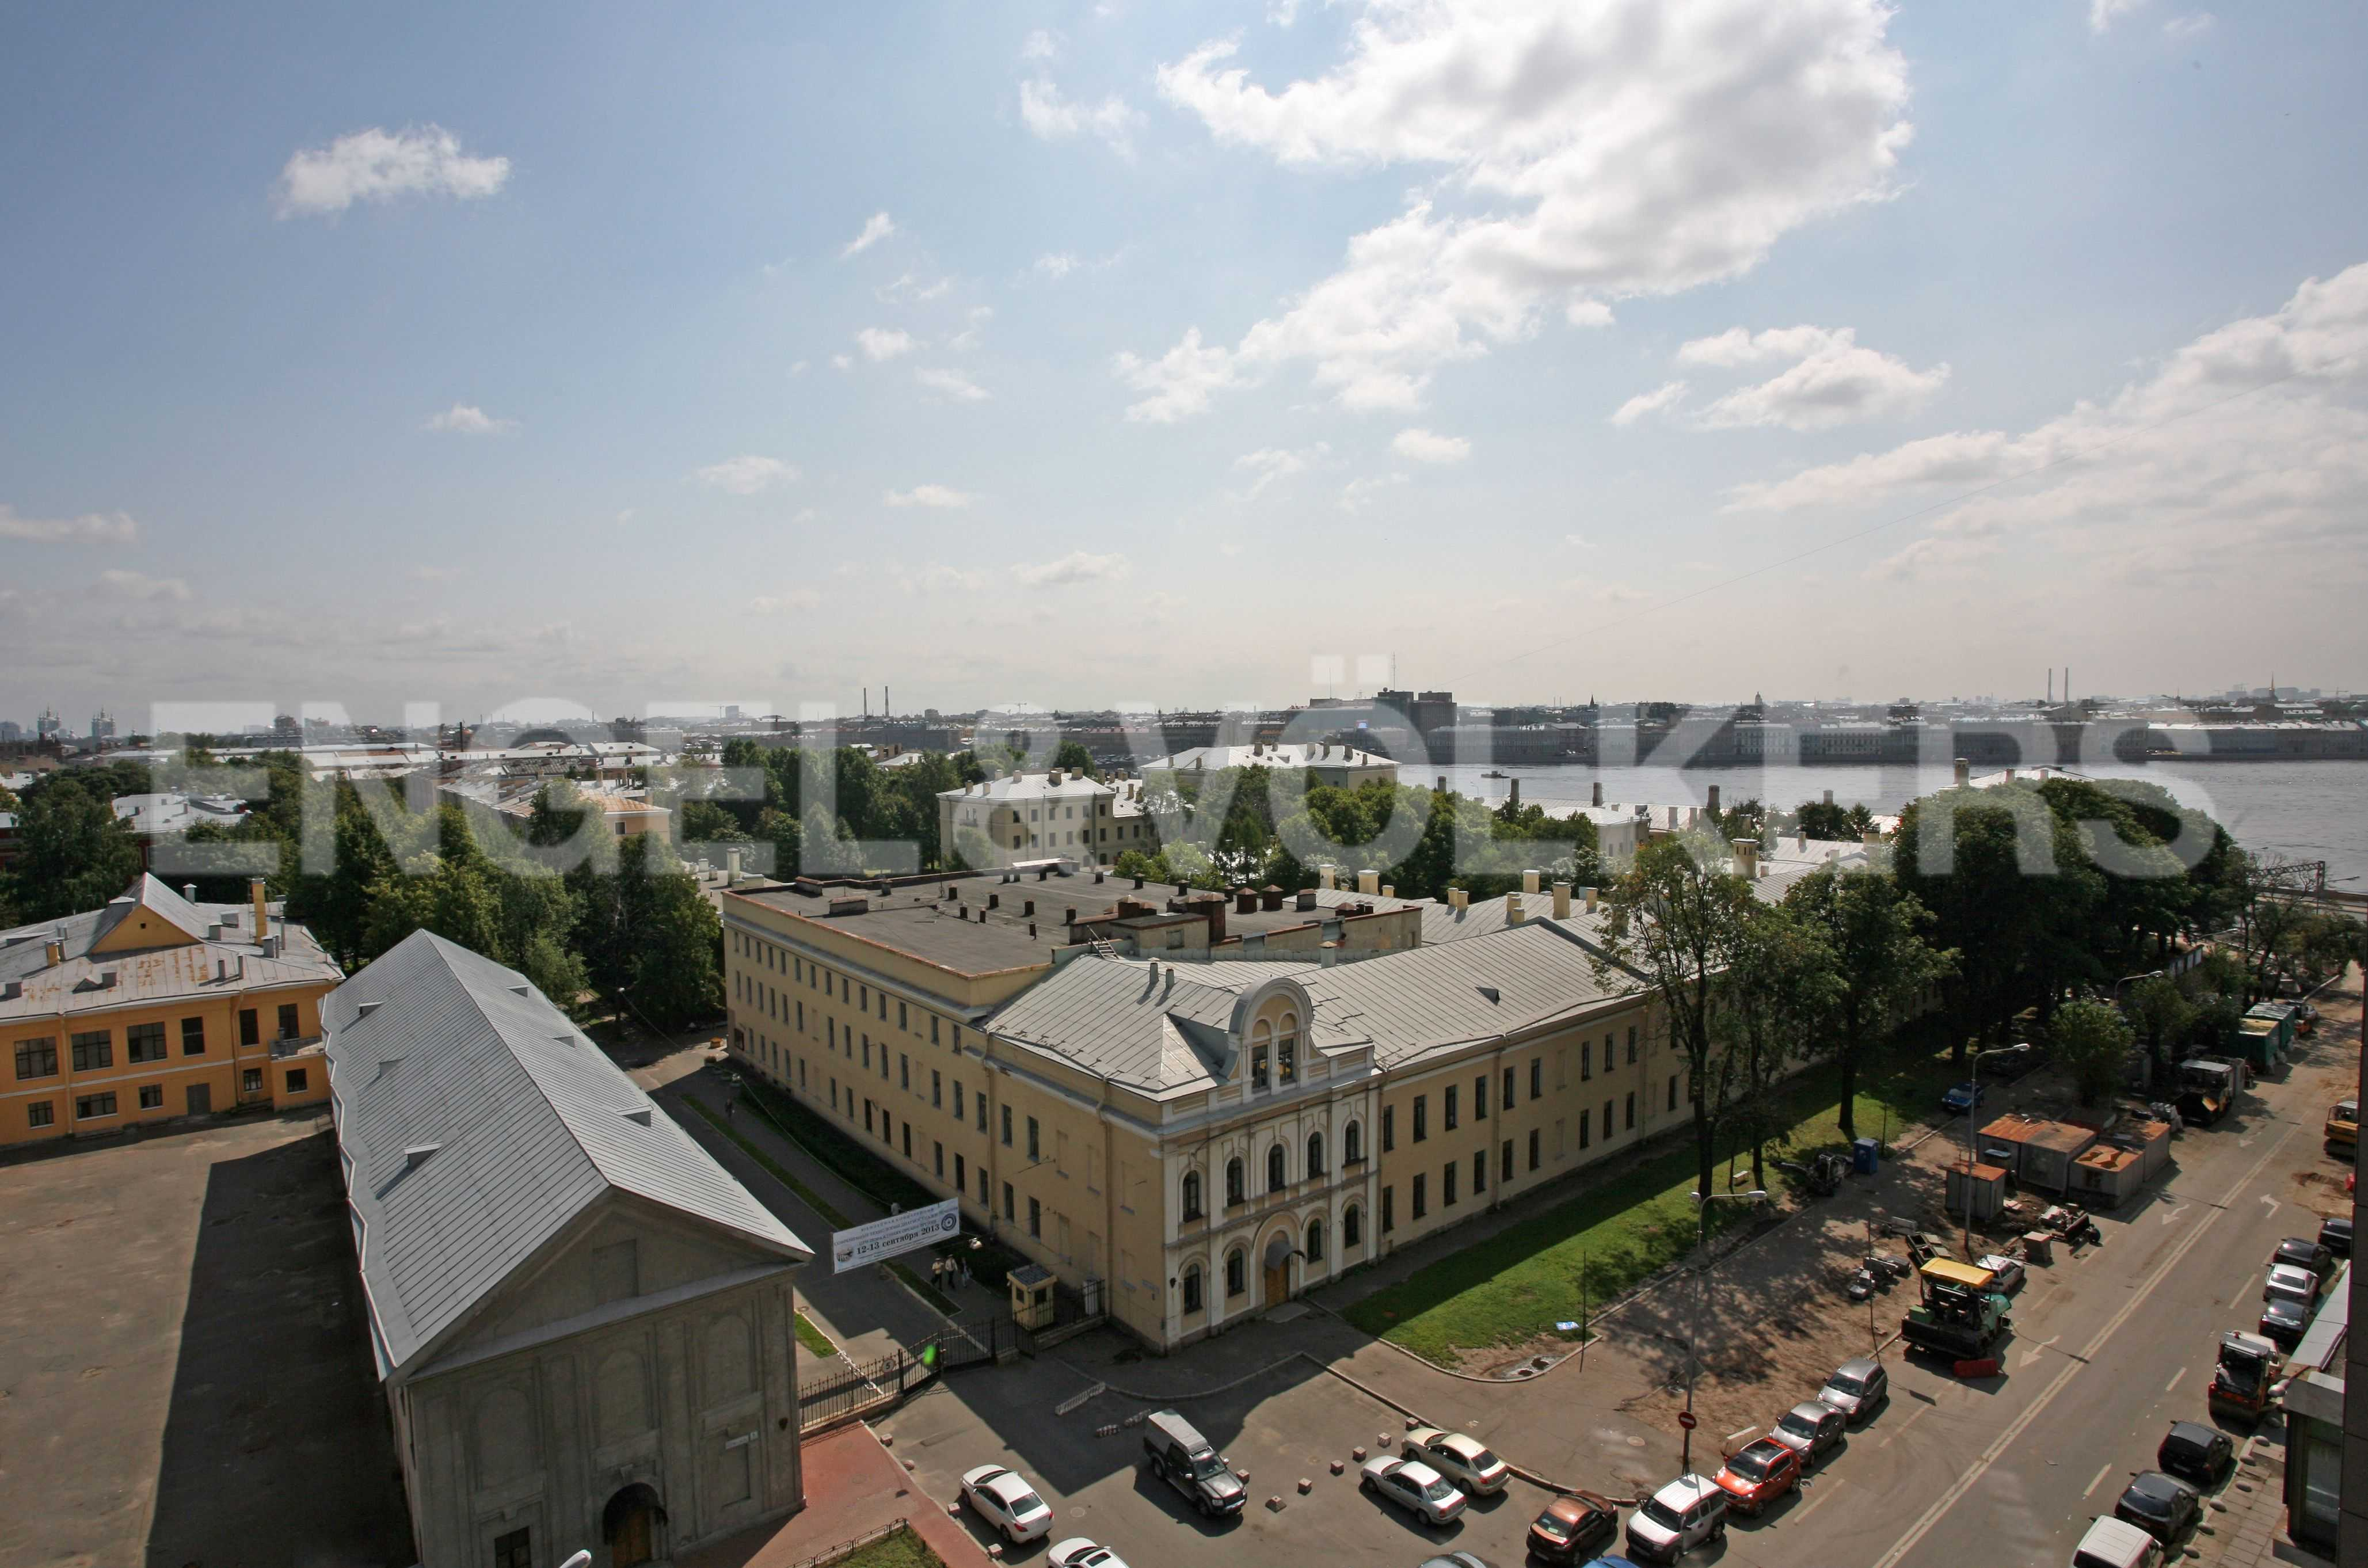 Элитные квартиры в Центральном районе. Санкт-Петербург, Большой Сампсониевский пр., 4-6. Вид из окна